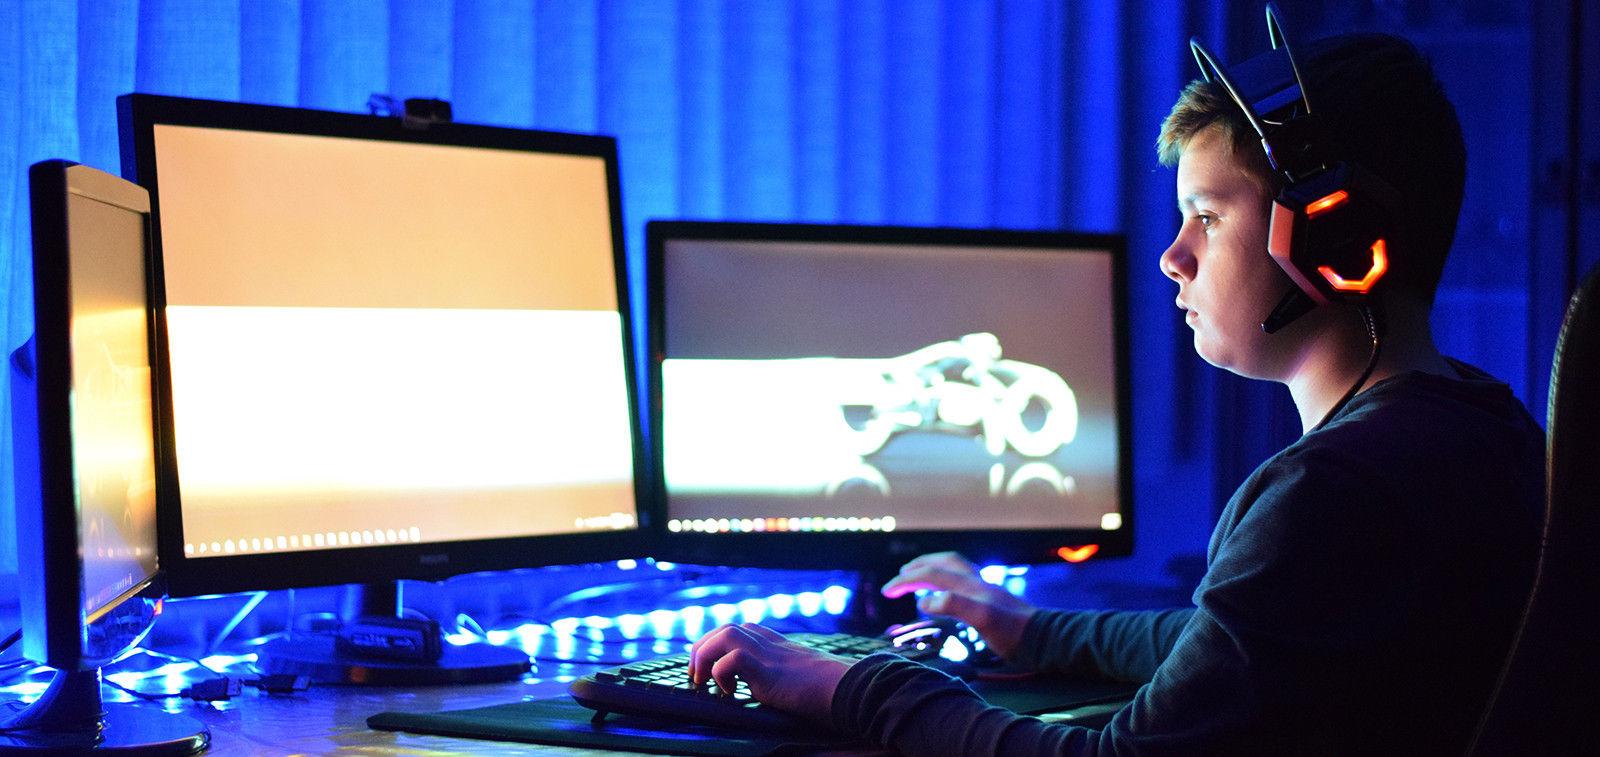 BlueStacks es el emulador de Android para ordenador perfecto para gamers